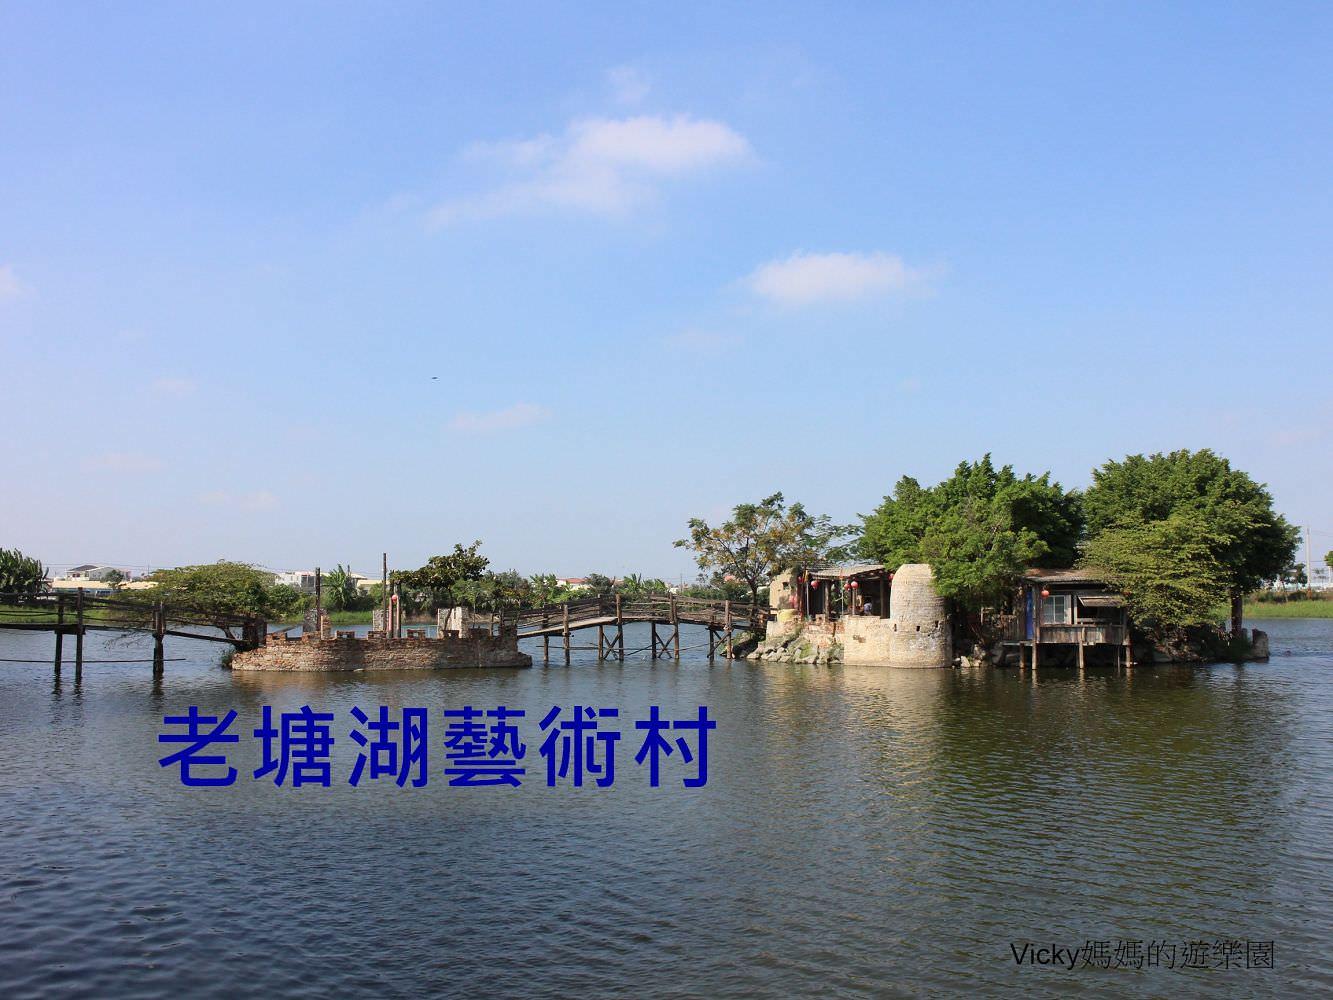 台南景點︱學甲老塘湖藝術村:著格格戲服,搭纜繩船穿越時空,體驗古人生活